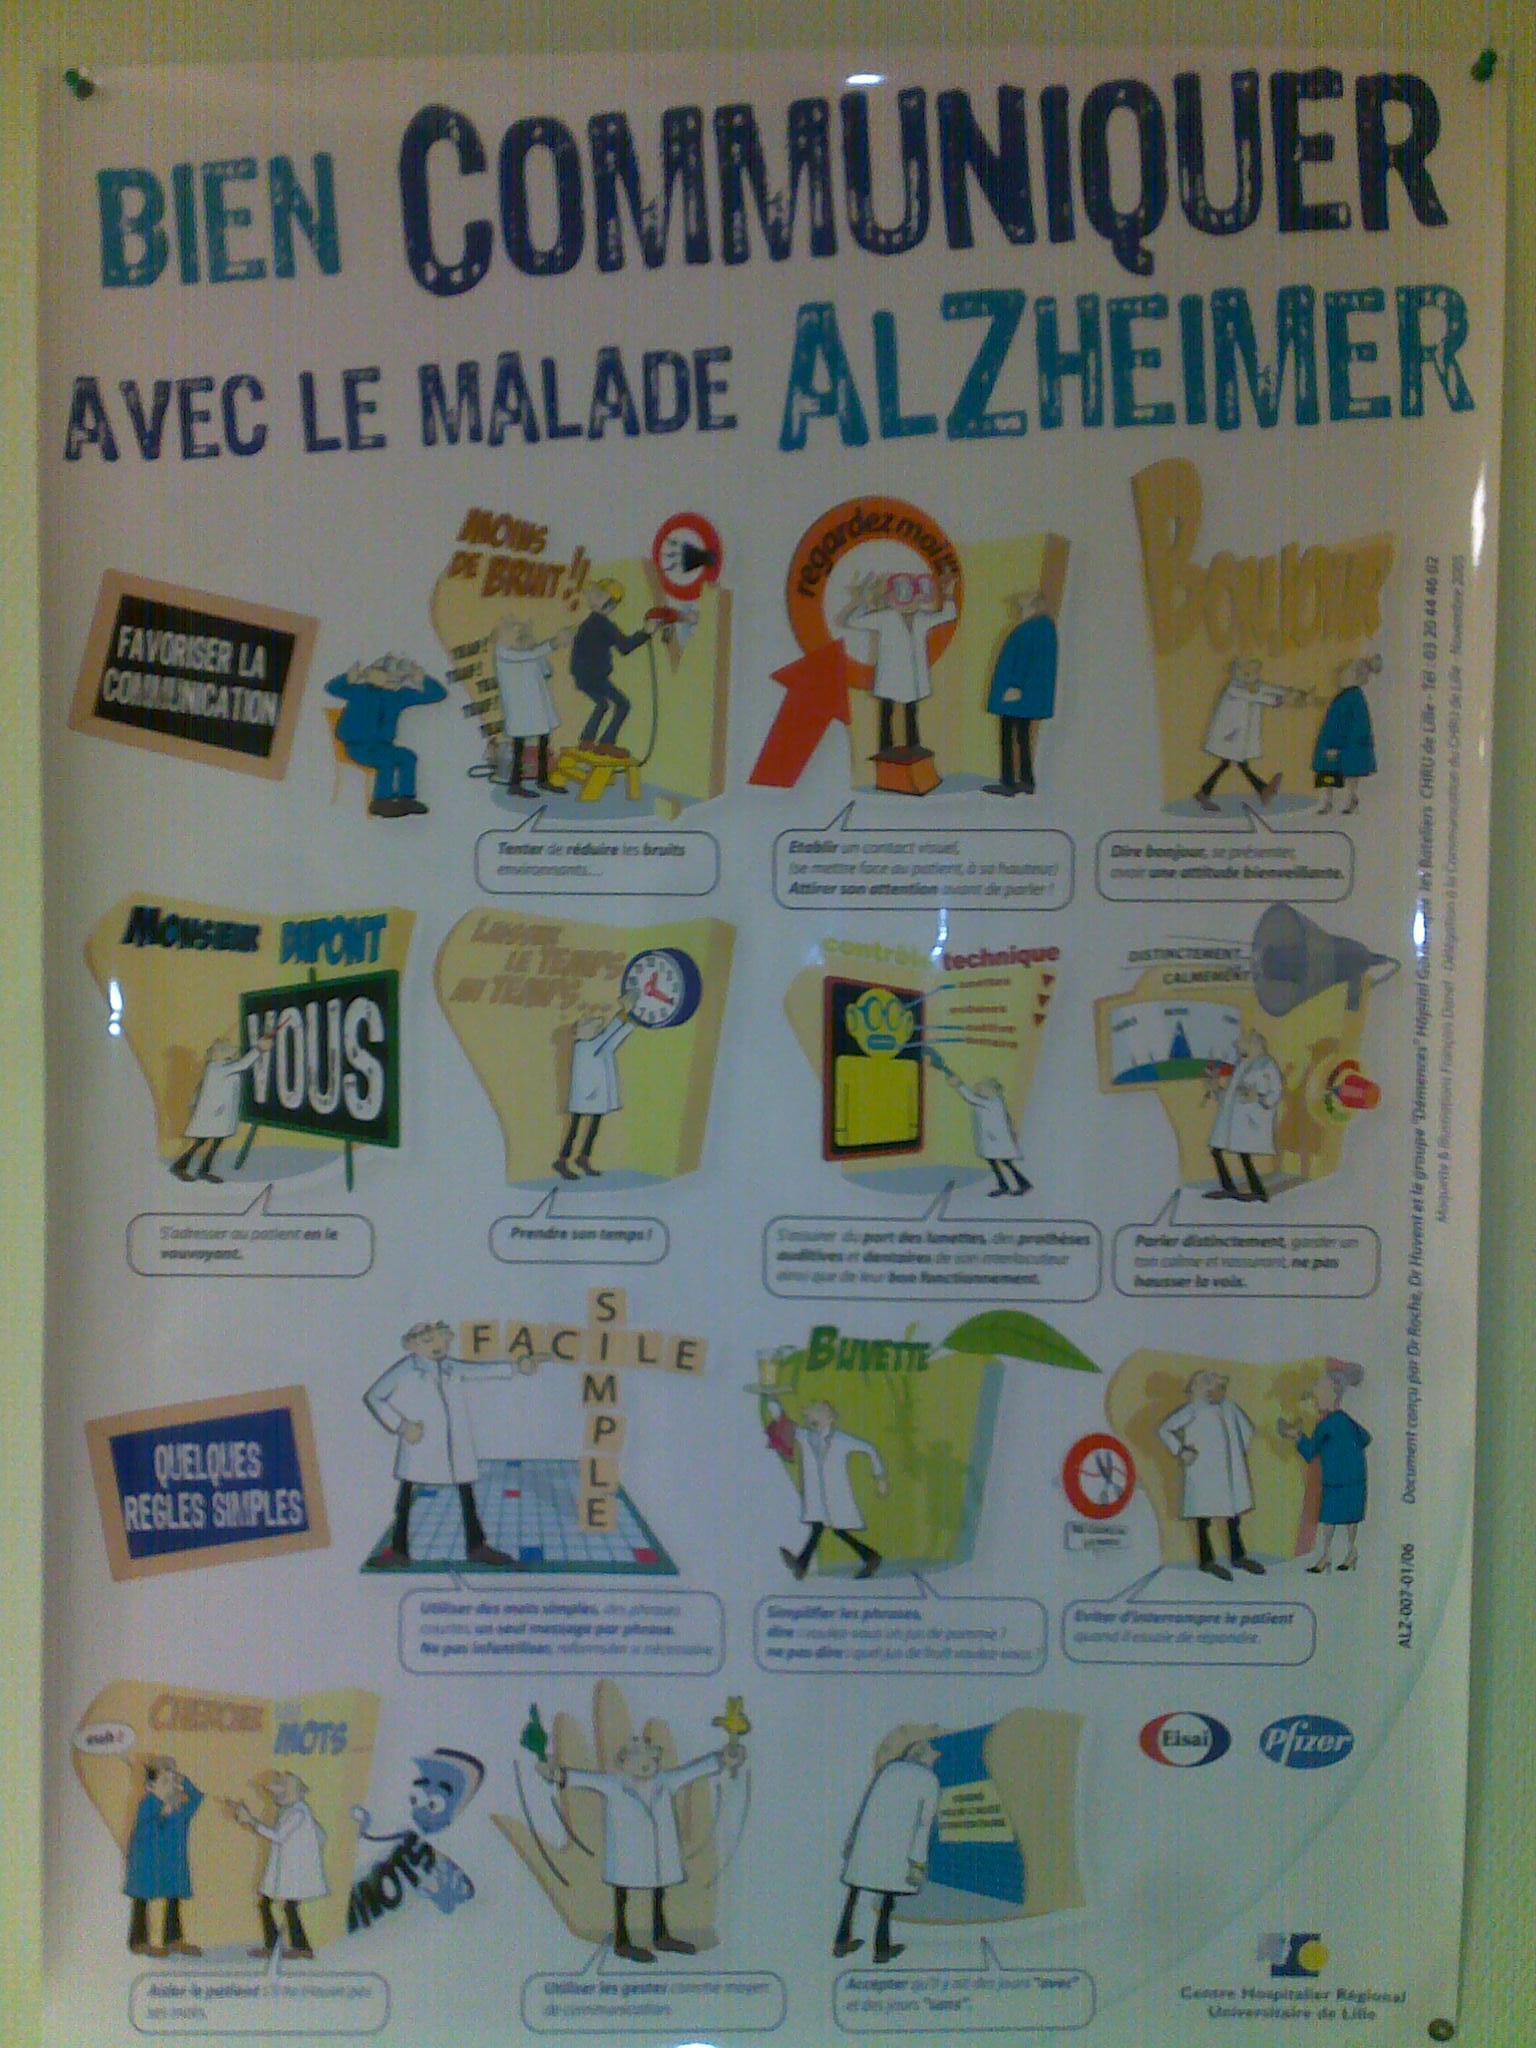 Bien communiquer avec le malade Alzheimer